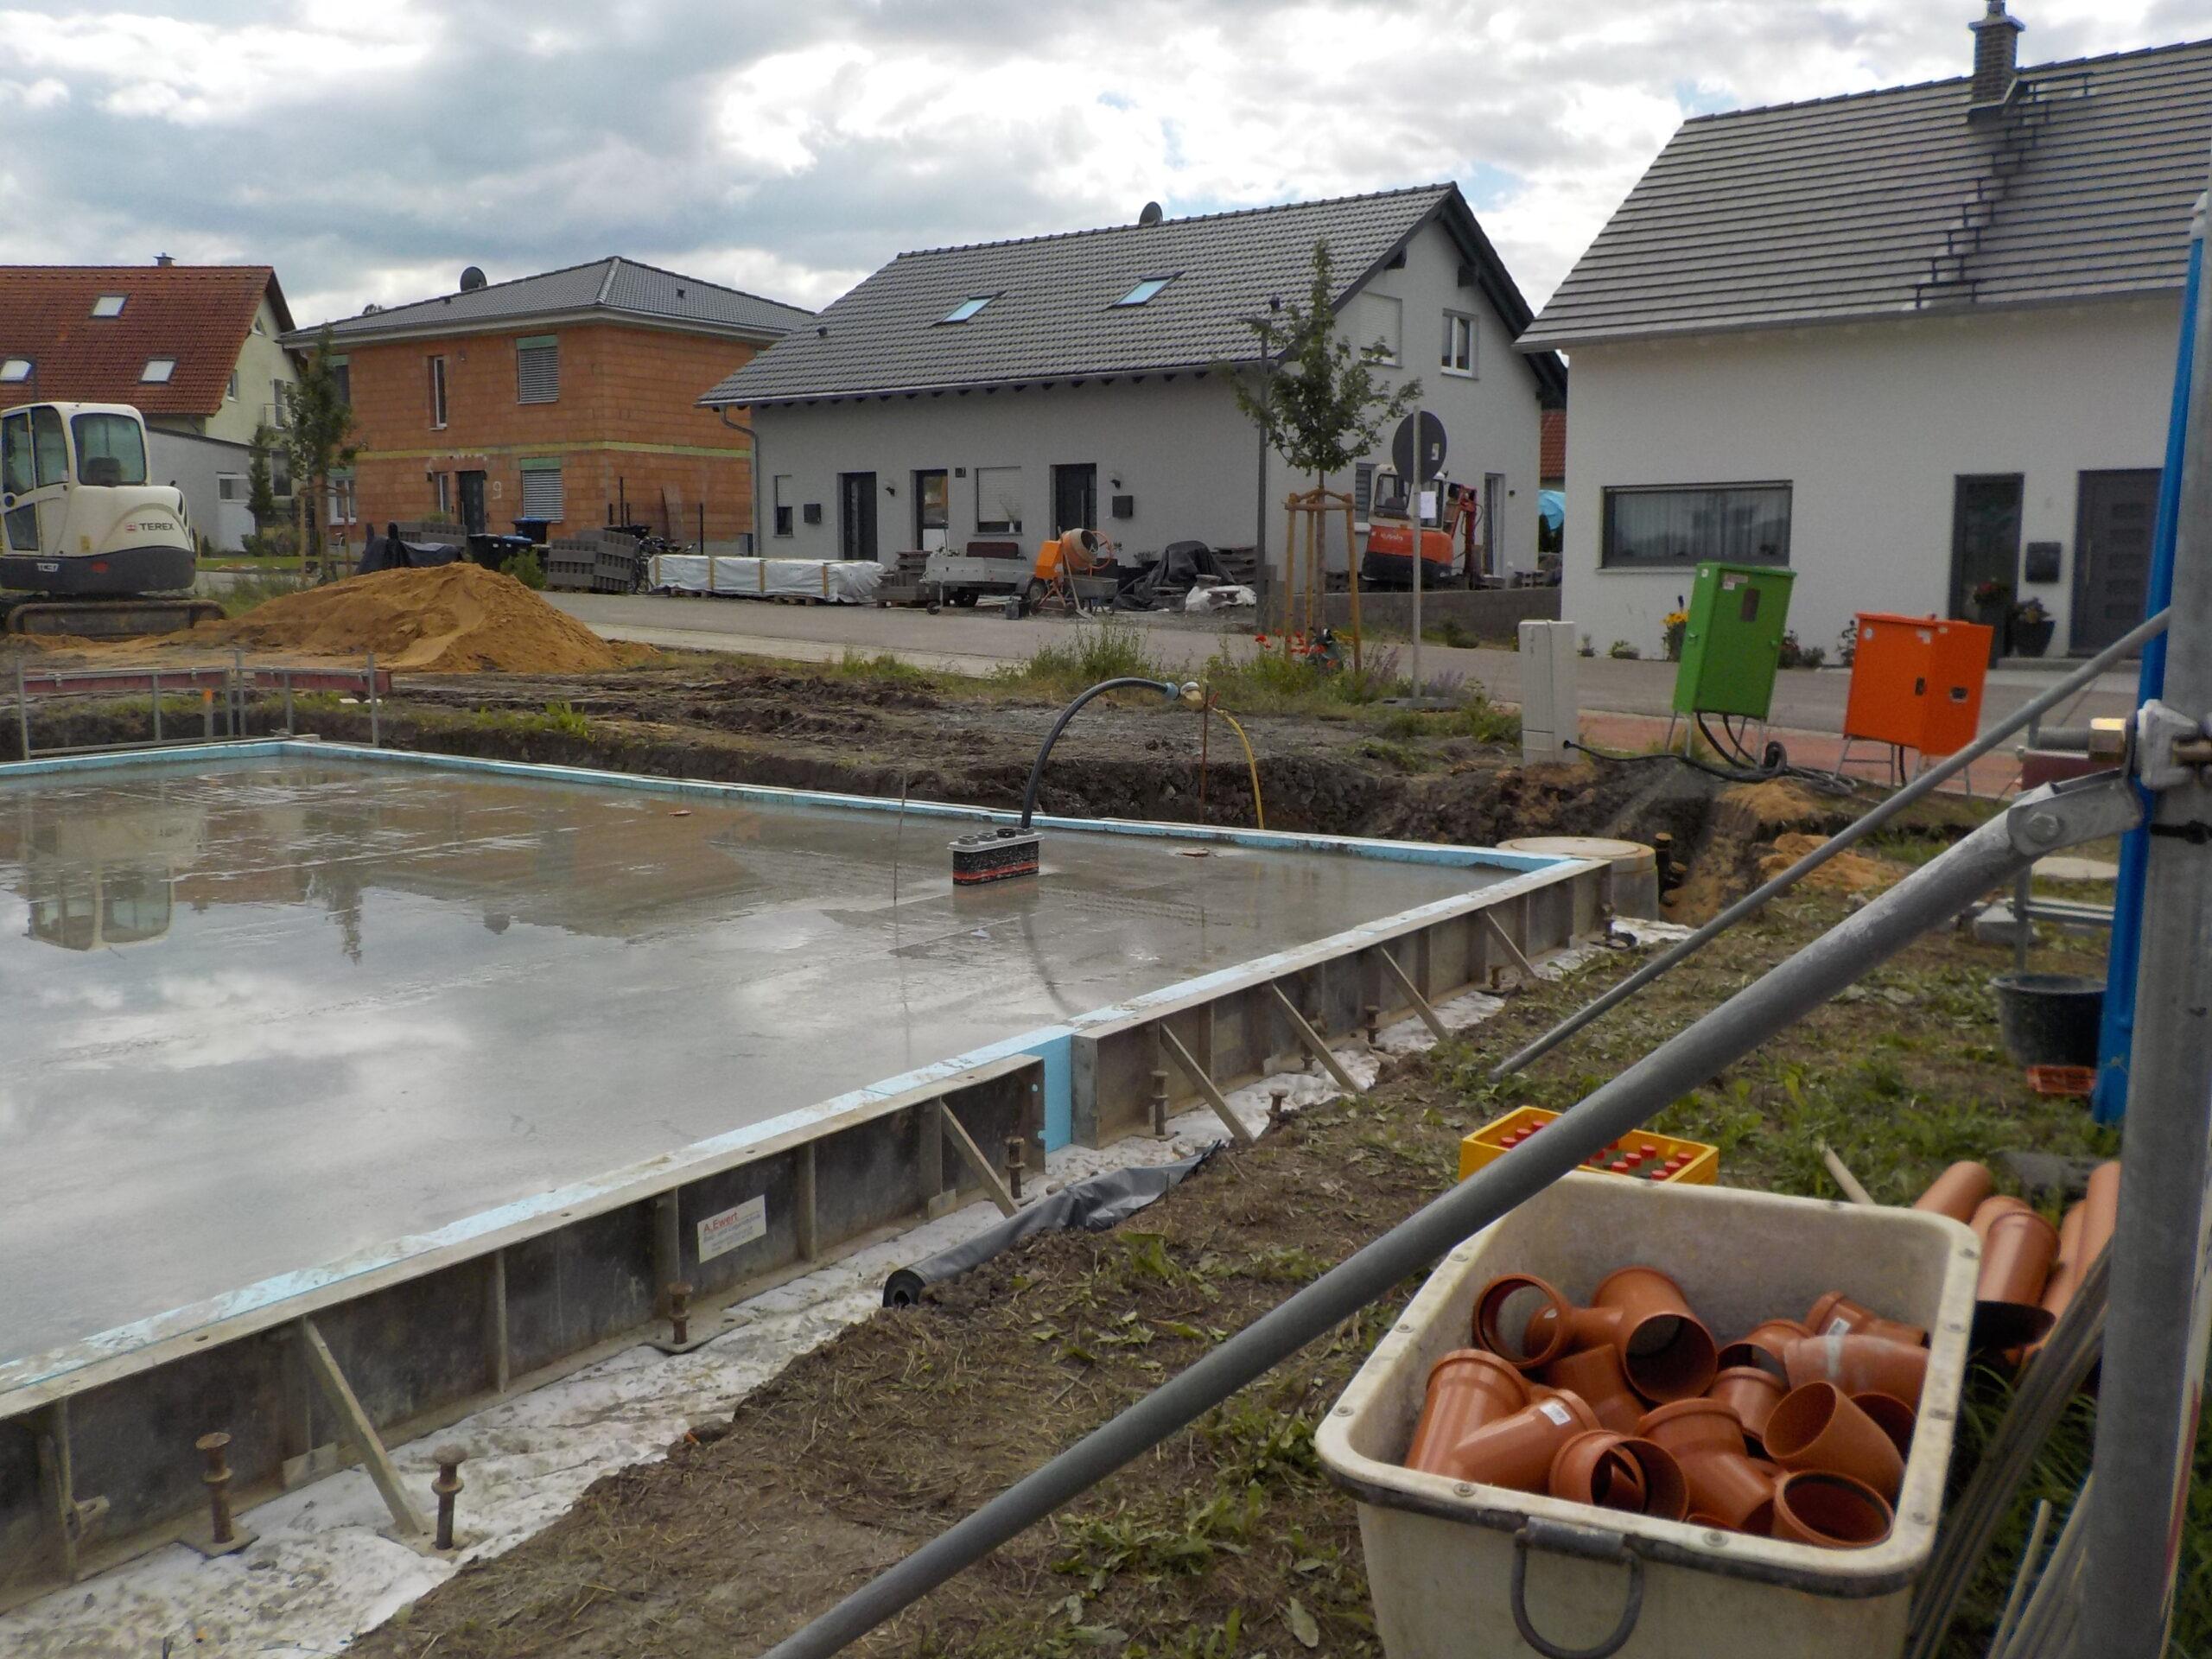 Bodenplatte - Am Koeniglein 2 - Wiesenbronn (1)